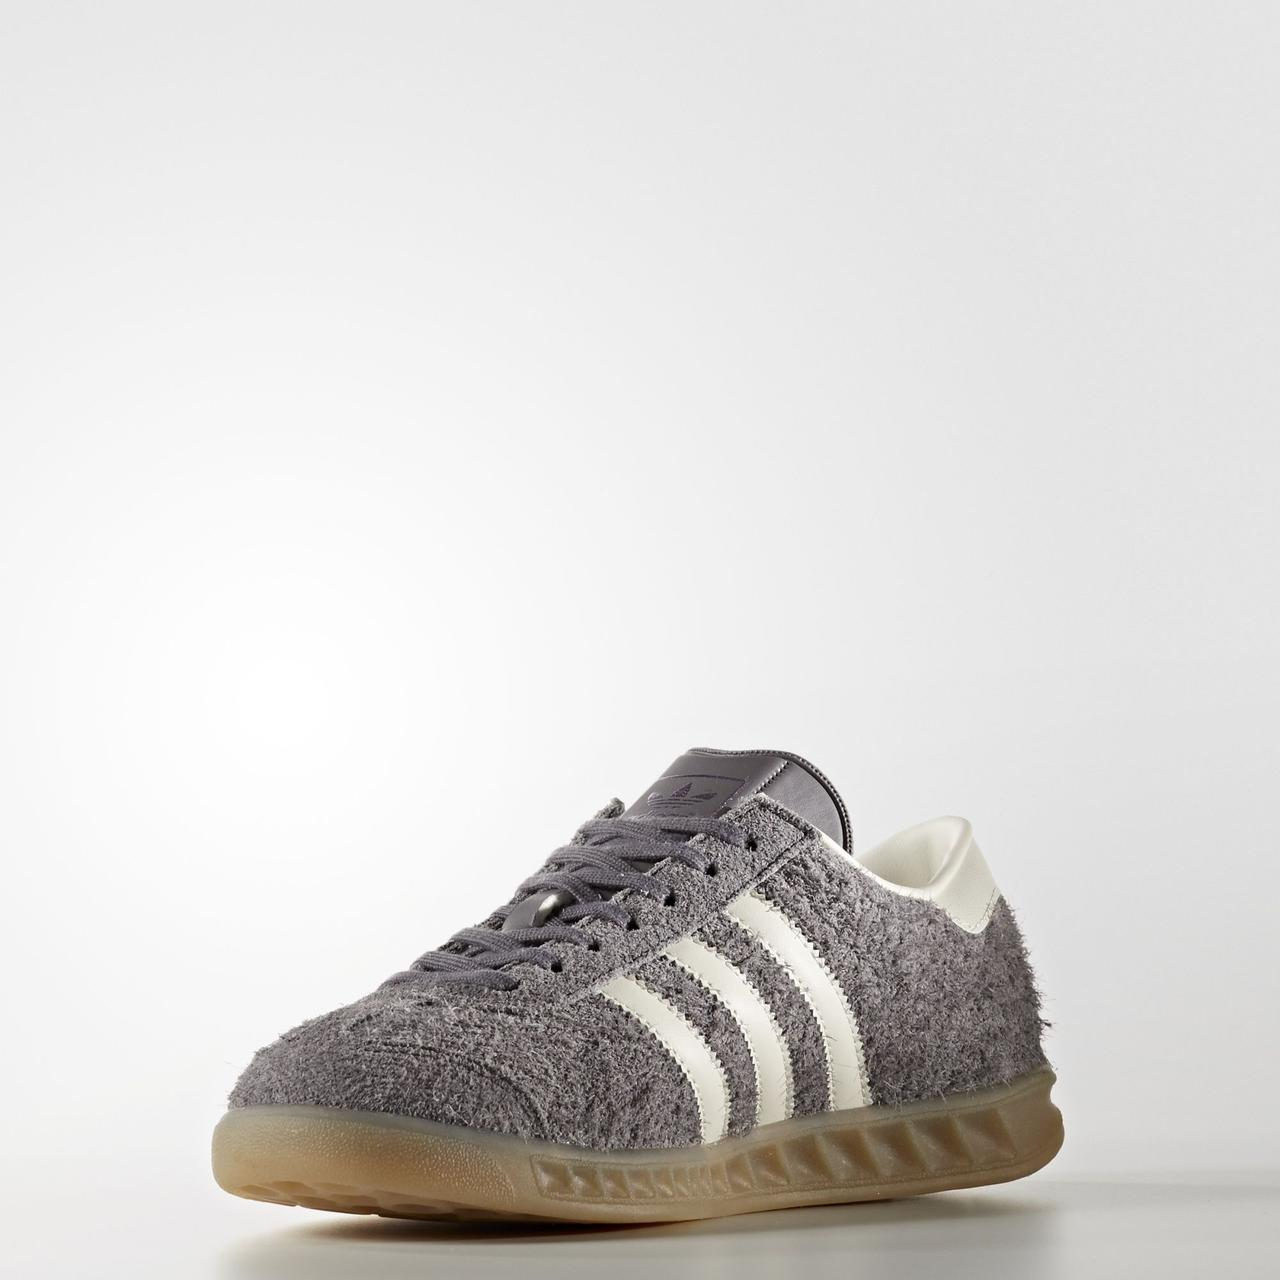 3f618dc44491 Женские кроссовки Adidas Originals Hamburg (Артикул  BB5109) - Адидас  официальный интернет - магазин